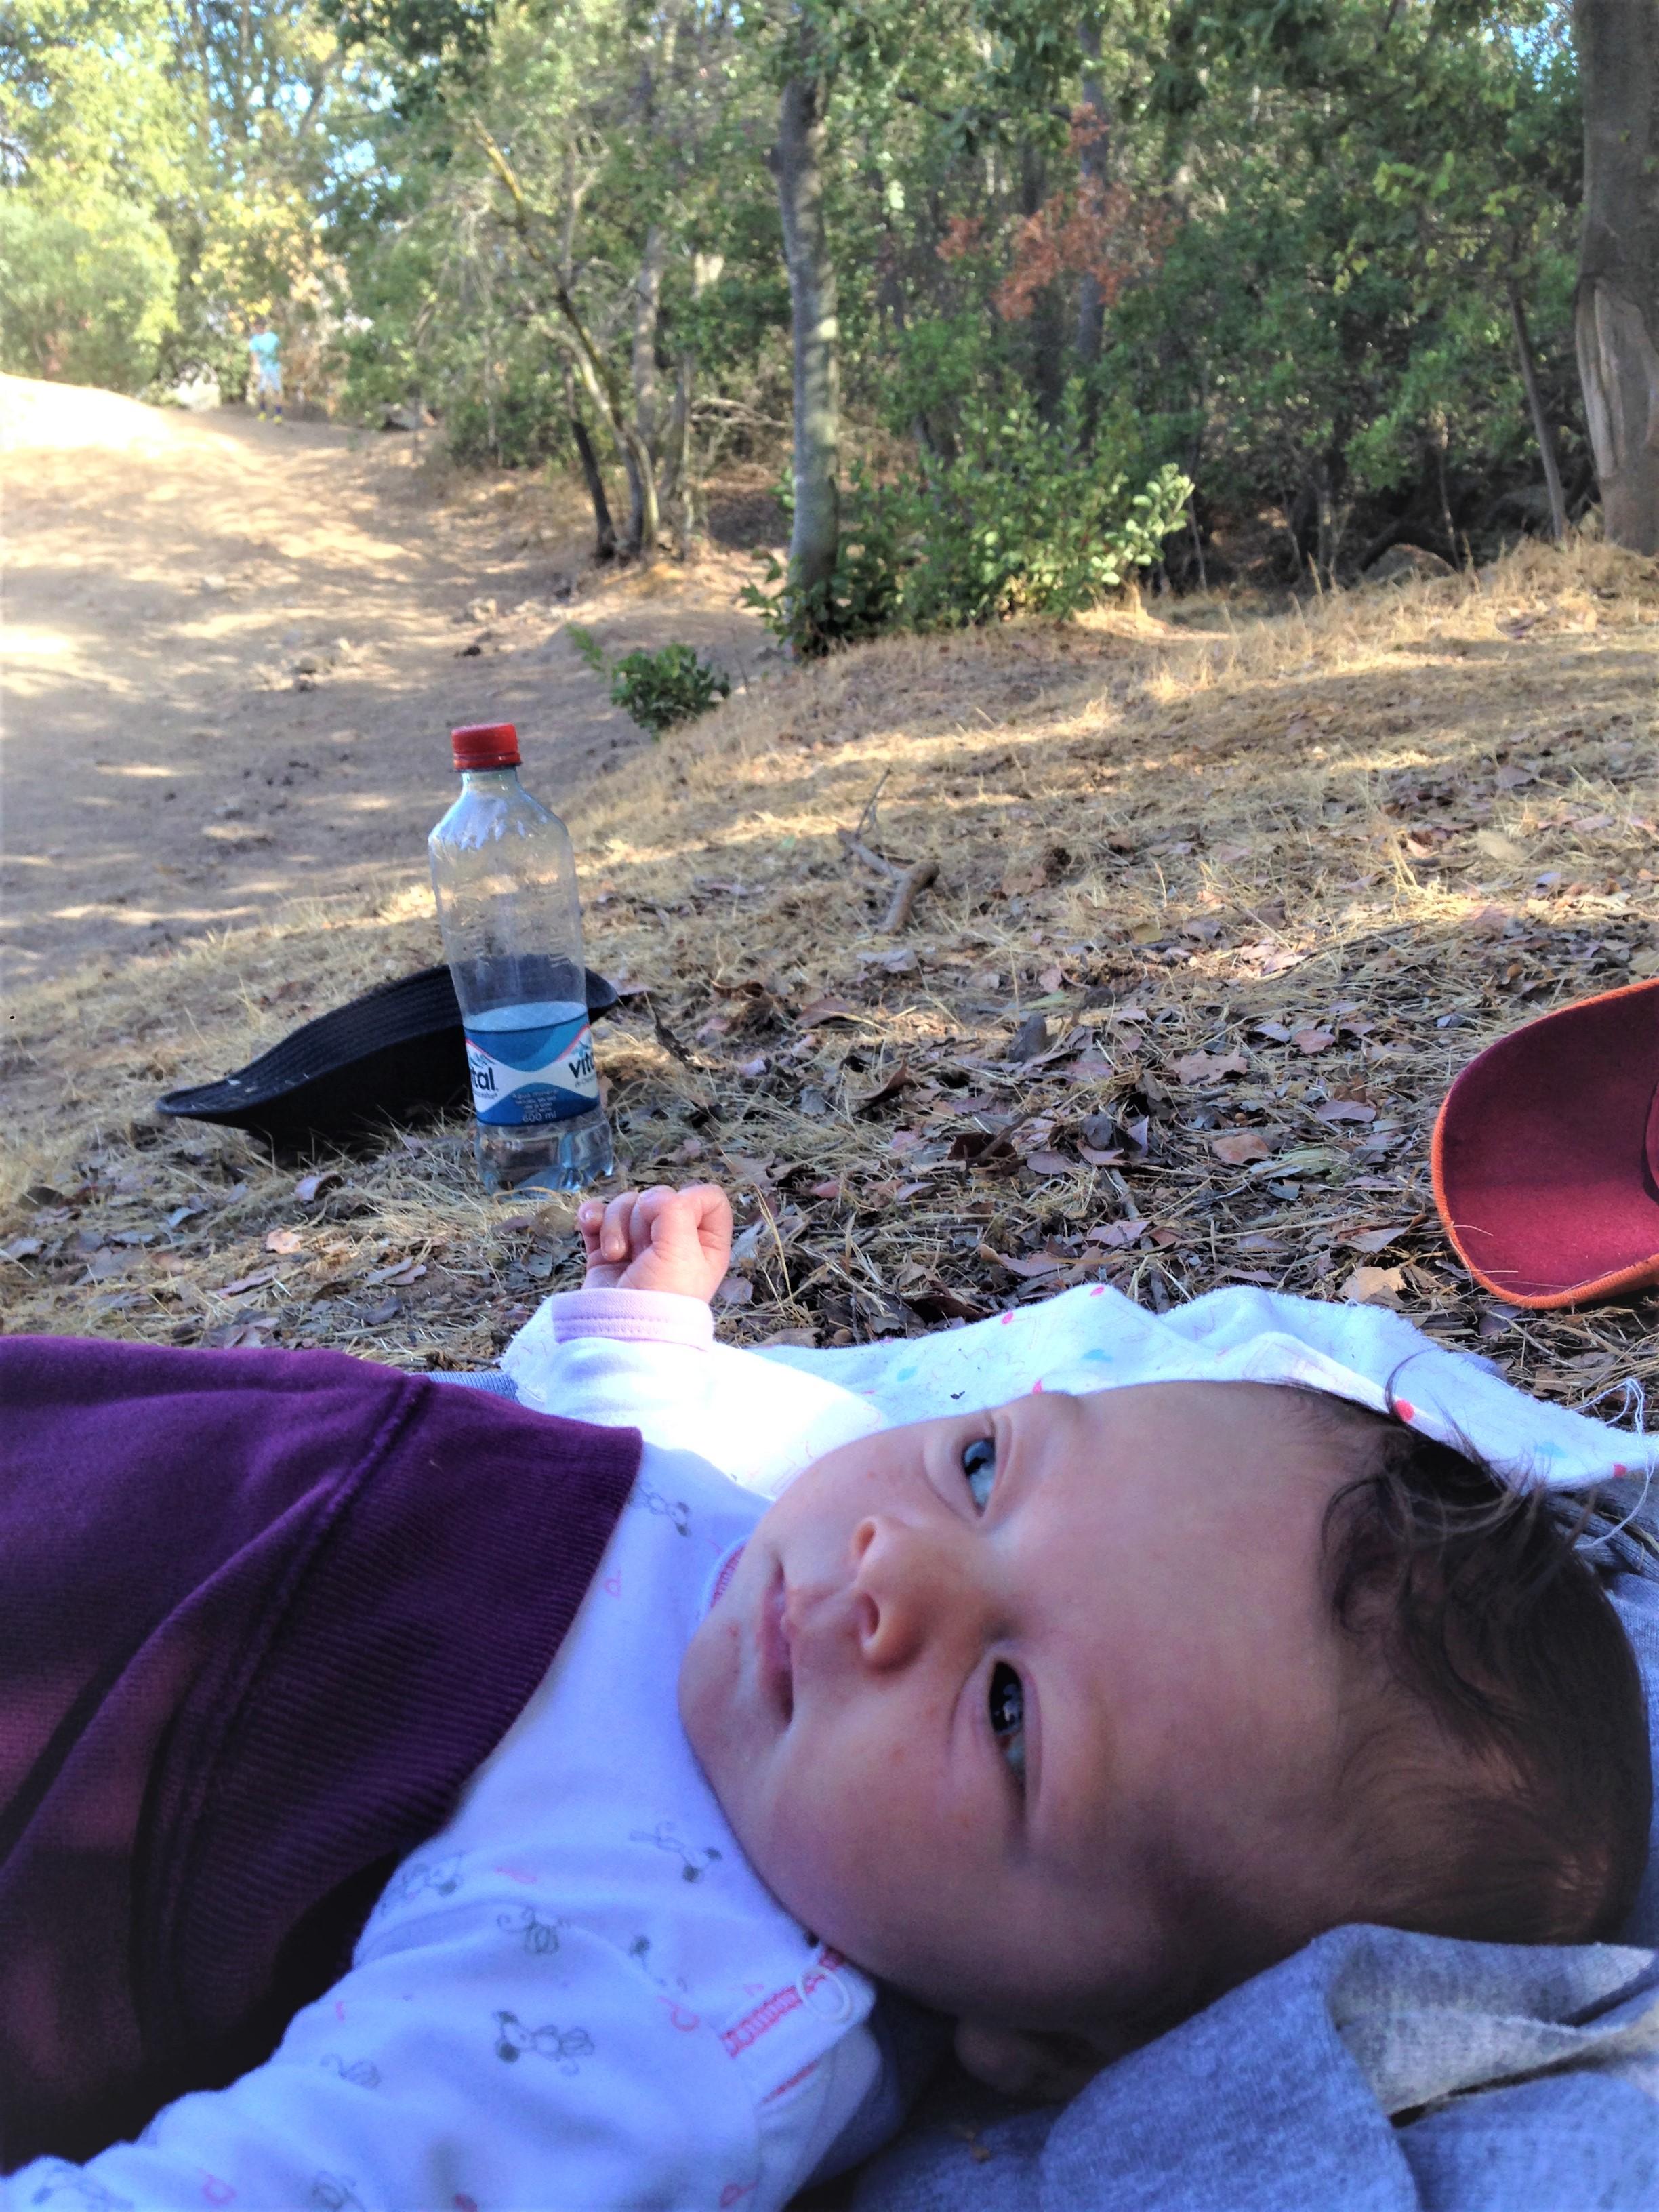 De 0 a 99 años - Esta foto es del primer paseo de una de mis hijas, tenía 5 días. Salimos a caminar un par de kilómetros cerca de nuestra casa. Nos hizo muy bien a las dos. Ella claramente lo disfrutó.